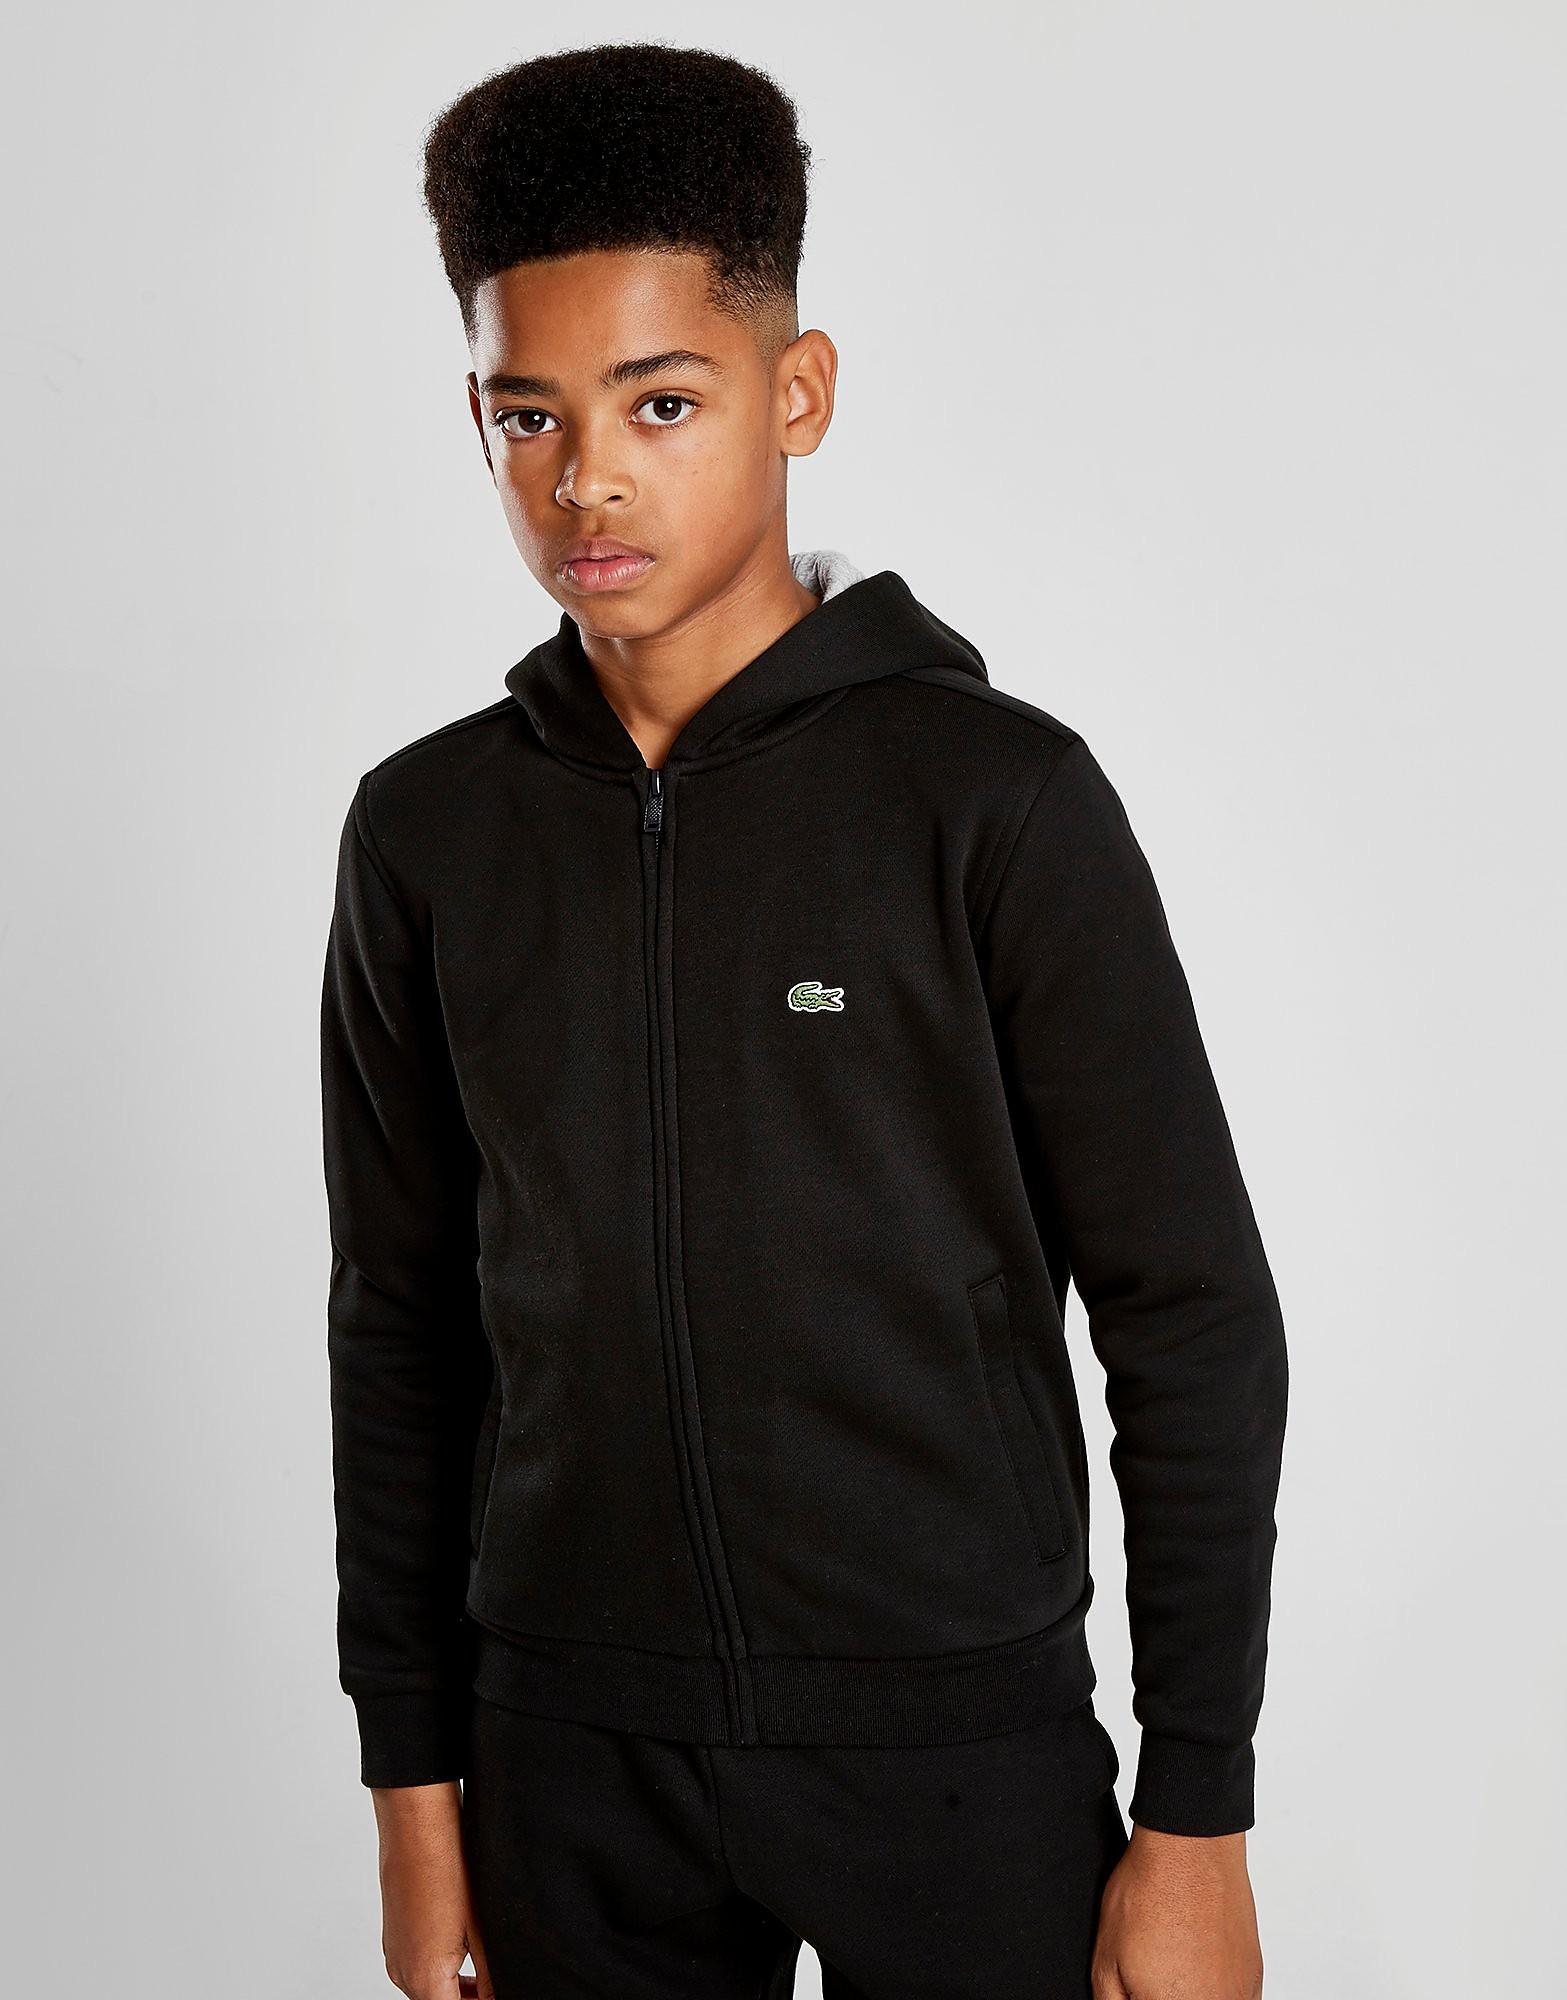 Lacoste Full Zip Hoodie Junior - Zwart - Kind